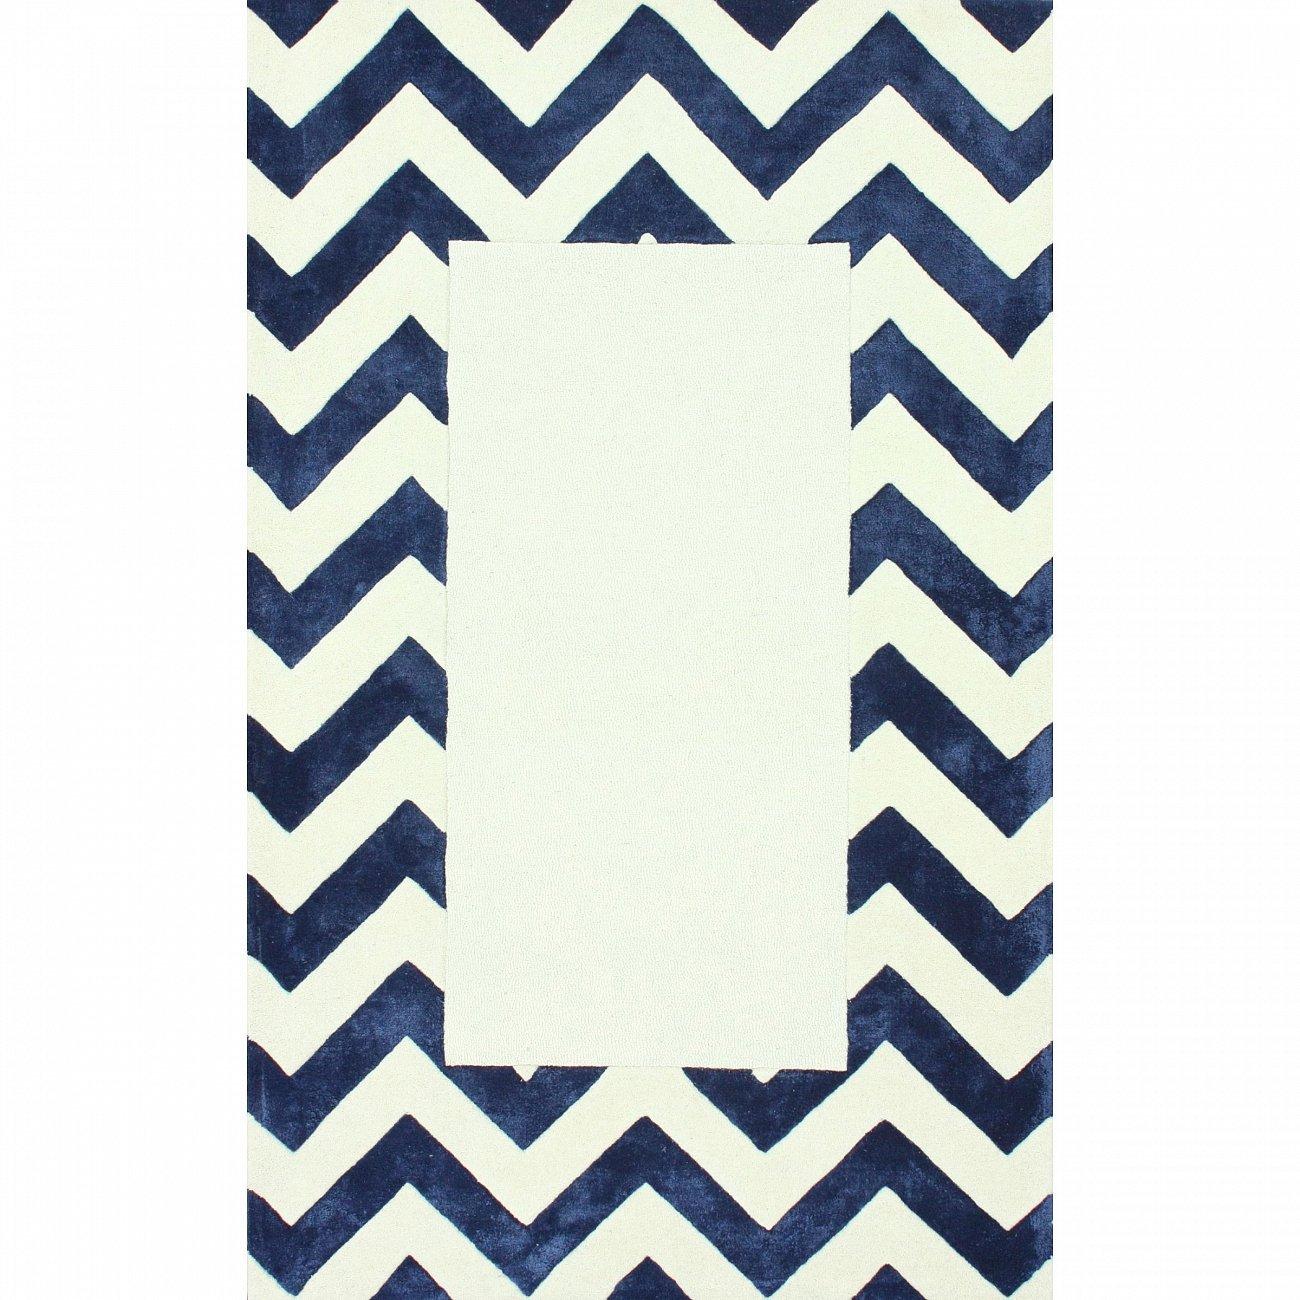 Купить Ковер Zig Zag синий с квадратом 3 4 м в интернет магазине дизайнерской мебели и аксессуаров для дома и дачи